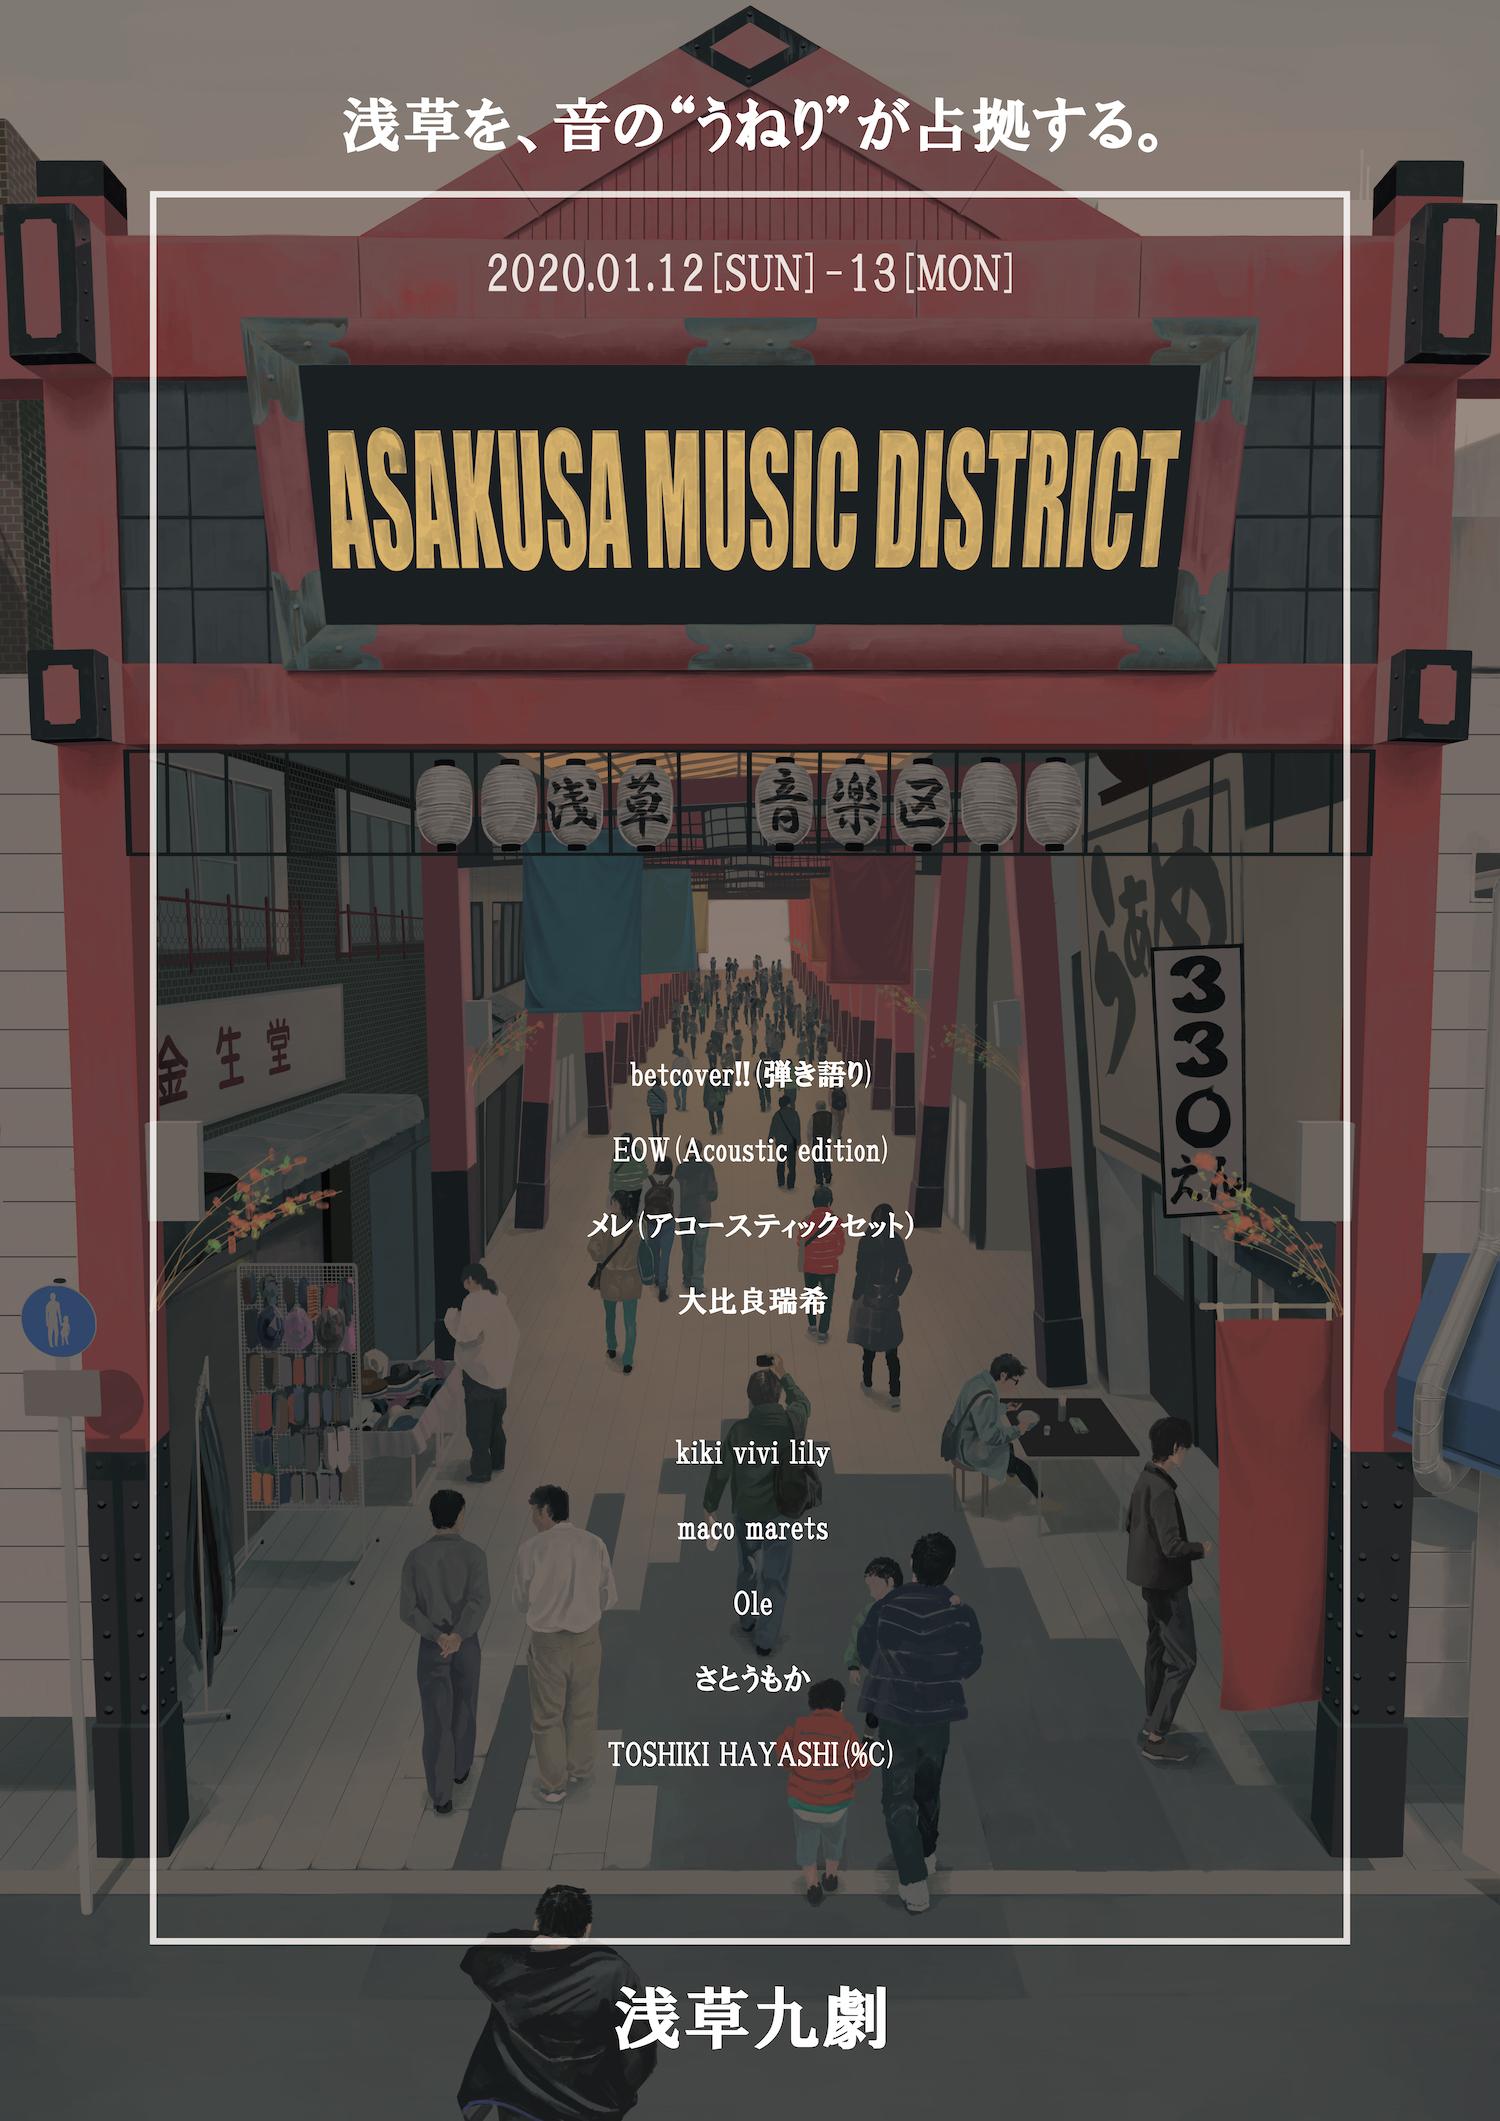 新成人参加無料の音楽イベント「ASAKUSA MUSIC DISTRICT」